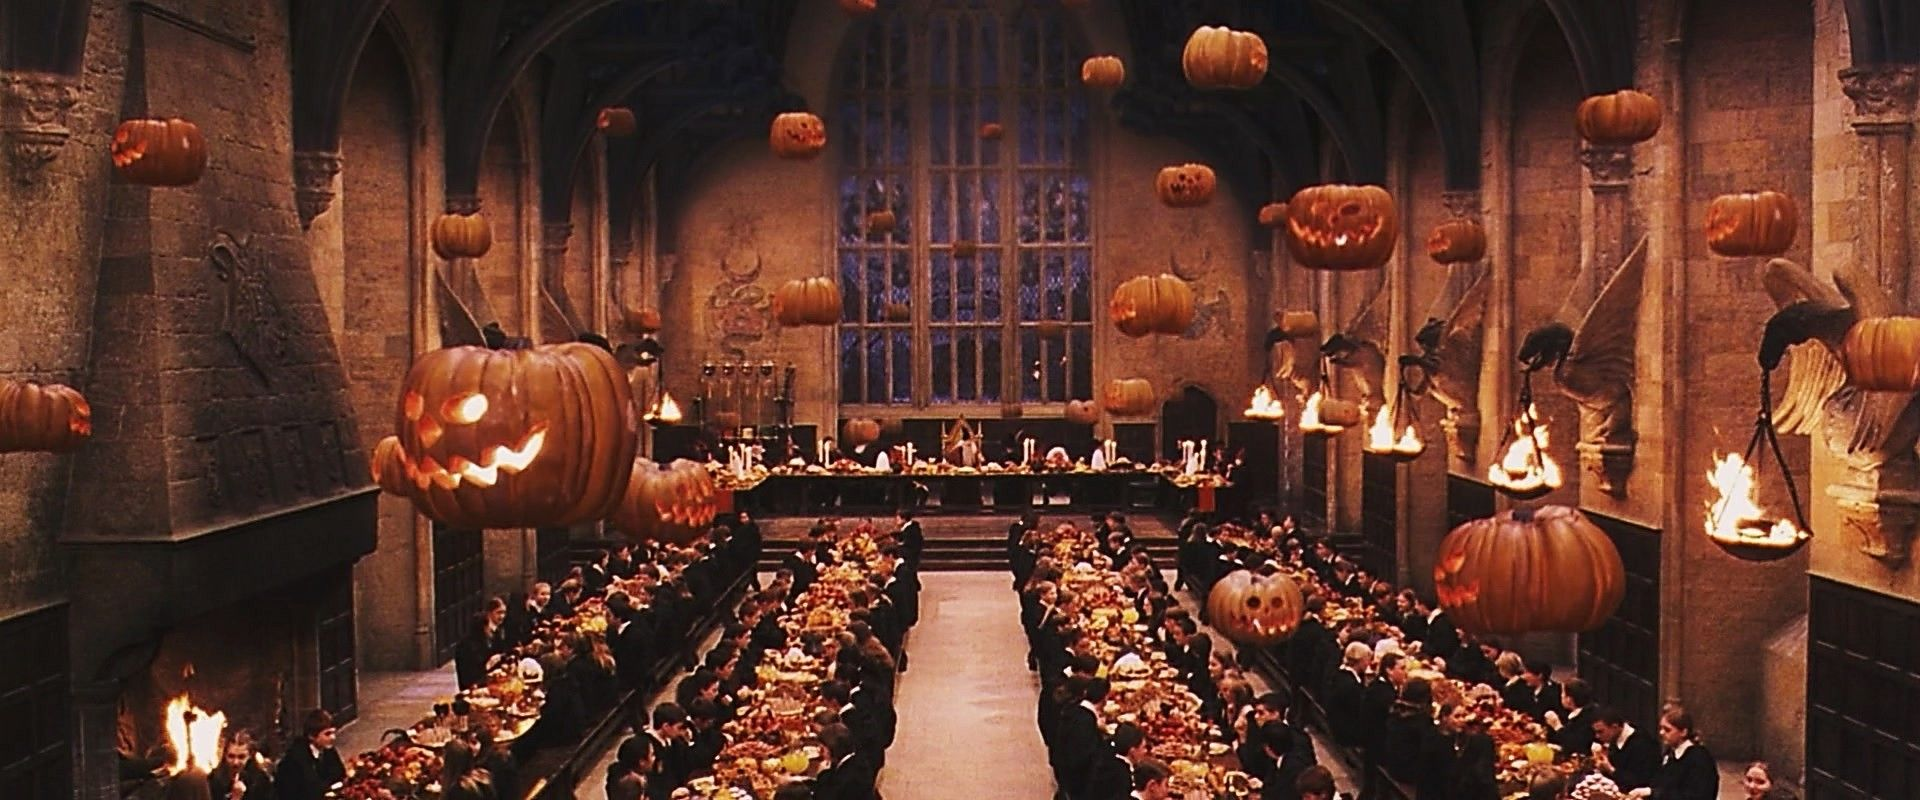 Harry Potter Halloween Wallpapers Harry Potter Pumpkin Harry Potter Halloween Halloween Decorations